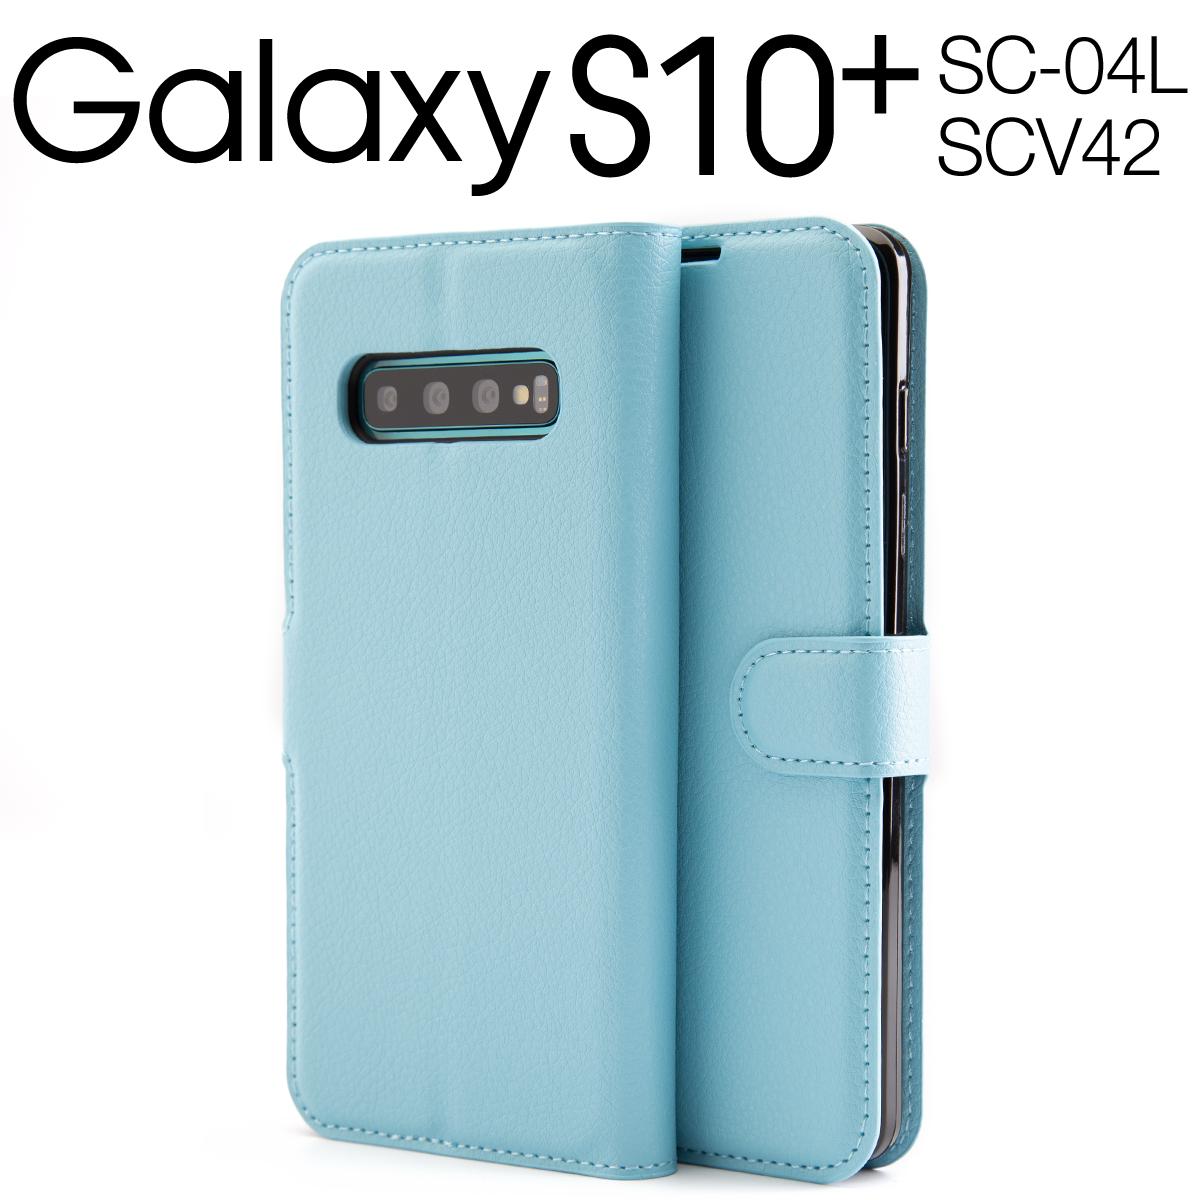 Galaxy S10+ レザー手帳型ケース